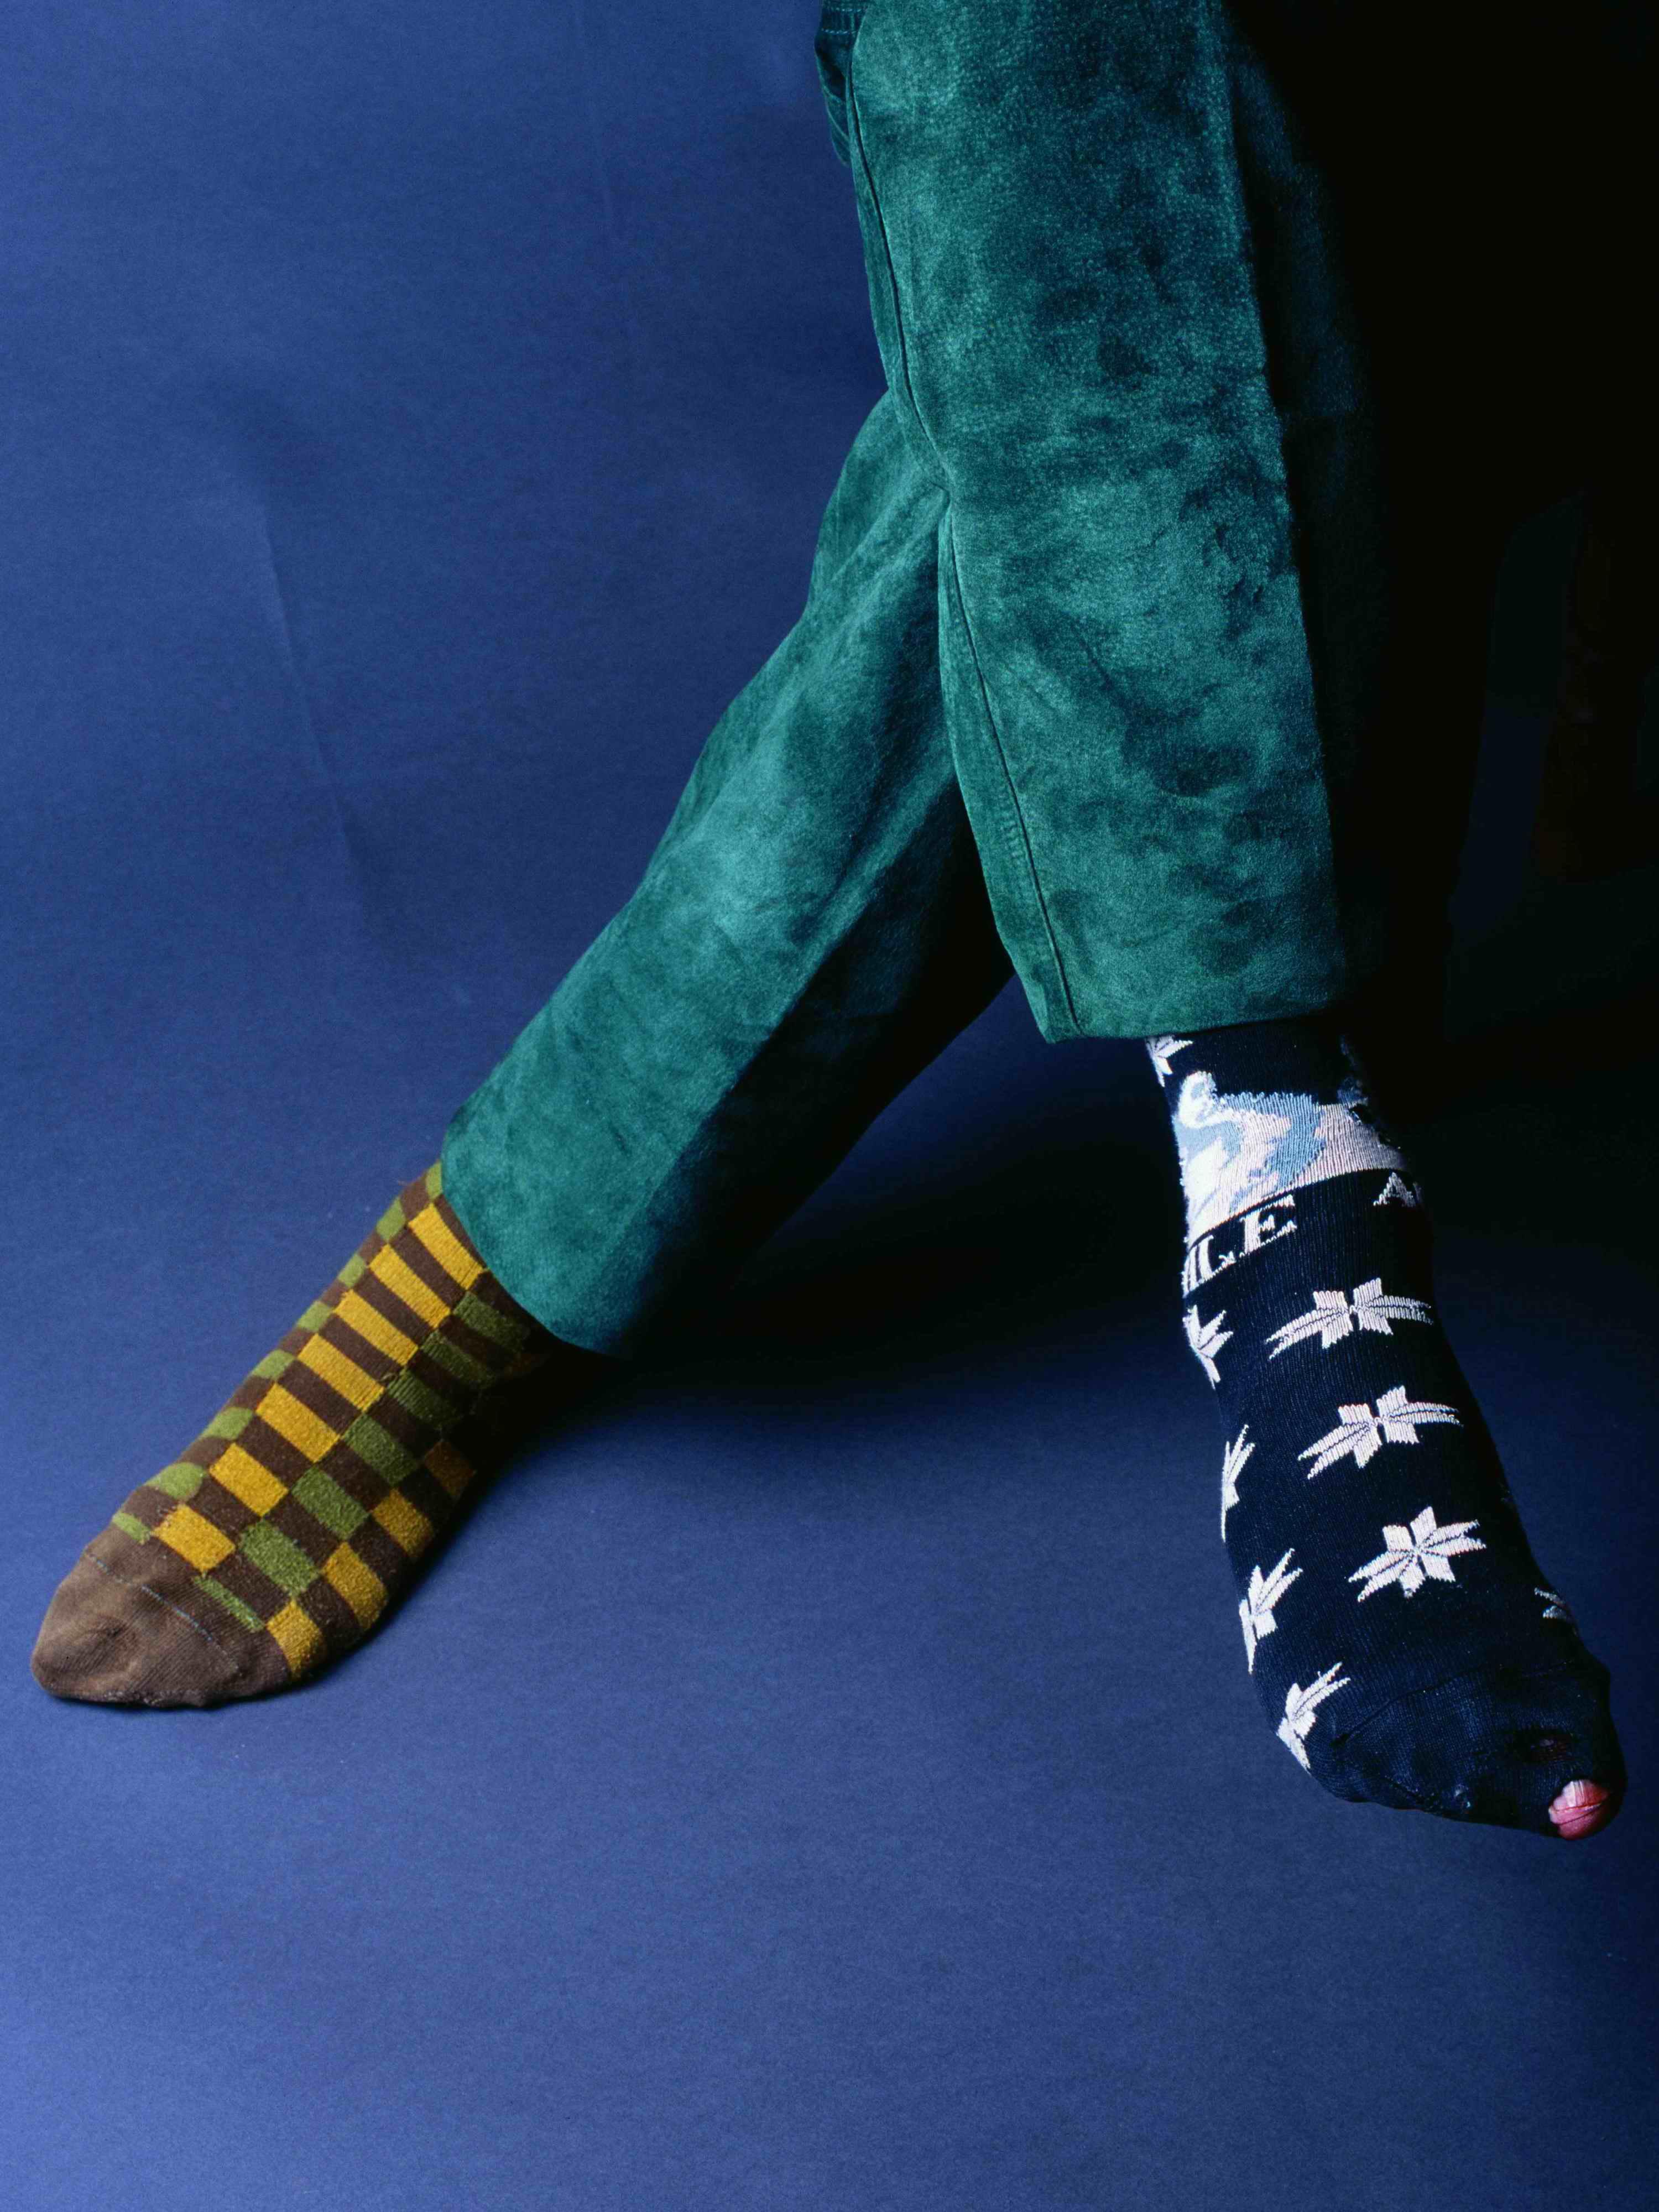 Unos calcetines más (2002) - Juan Hidalgo Codorníu